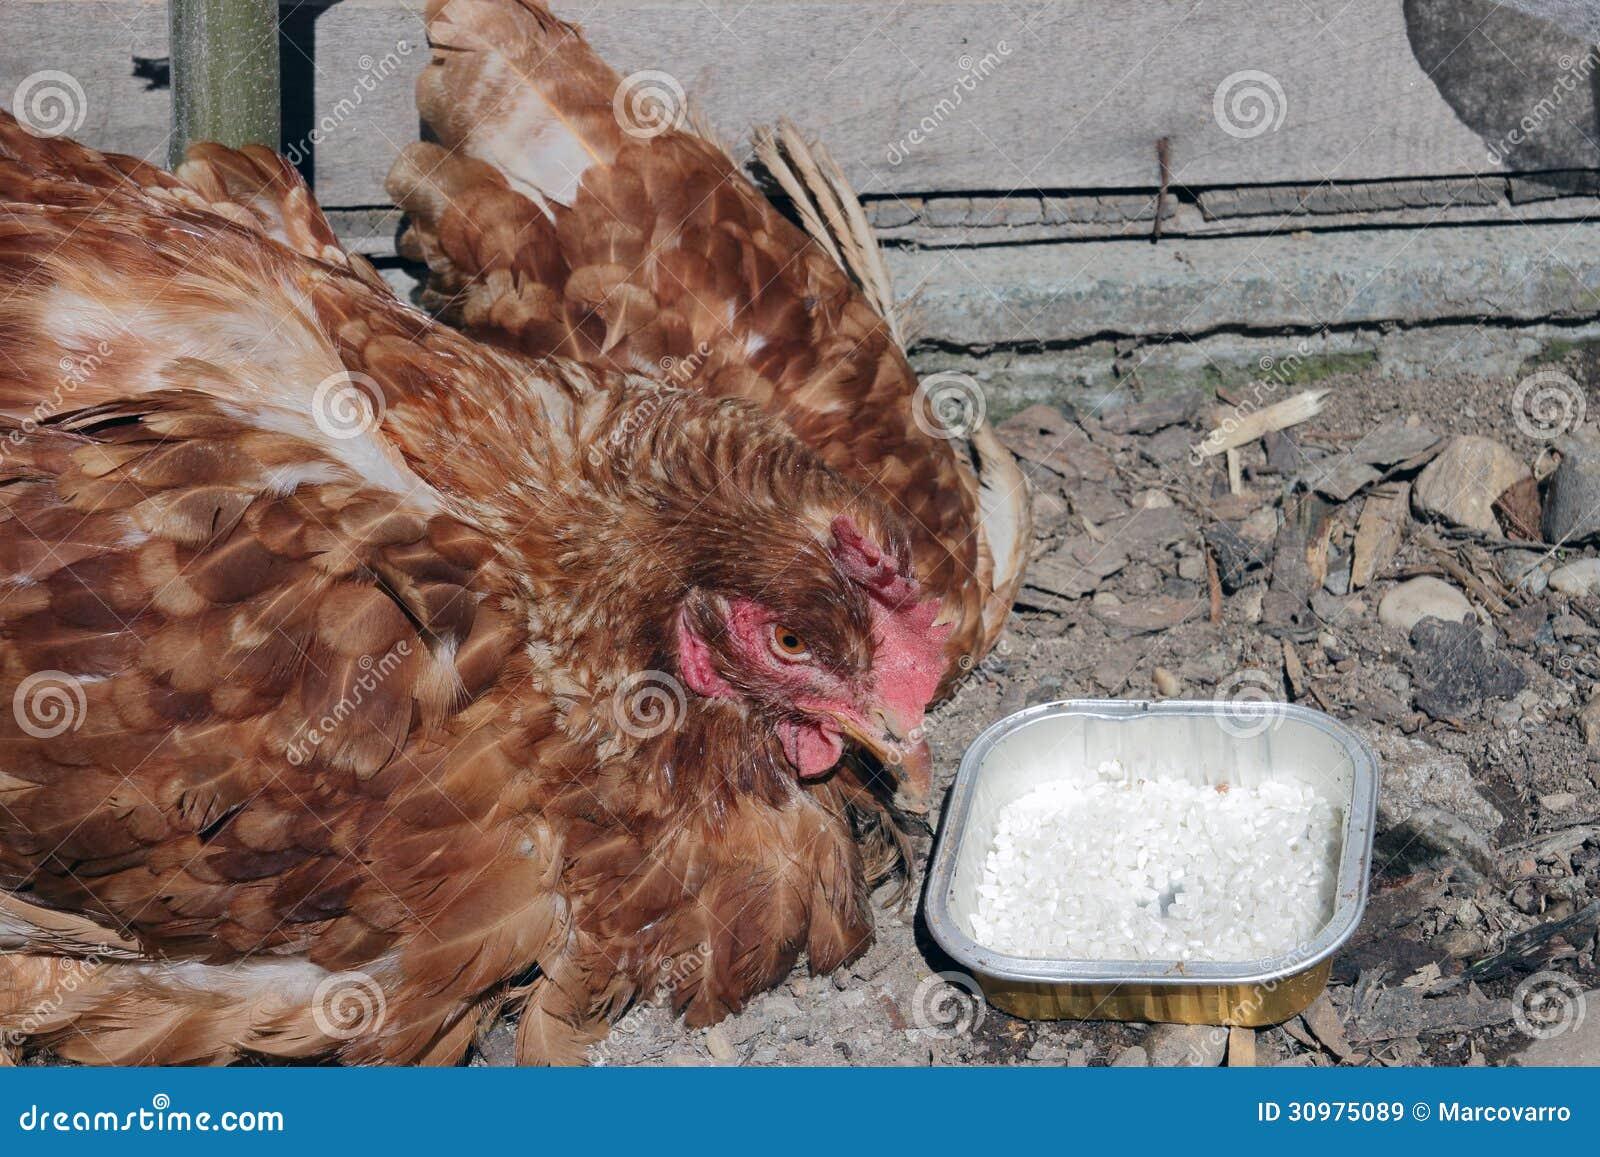 La maladie de volaille images libres de droits image for Les maladies des volailles